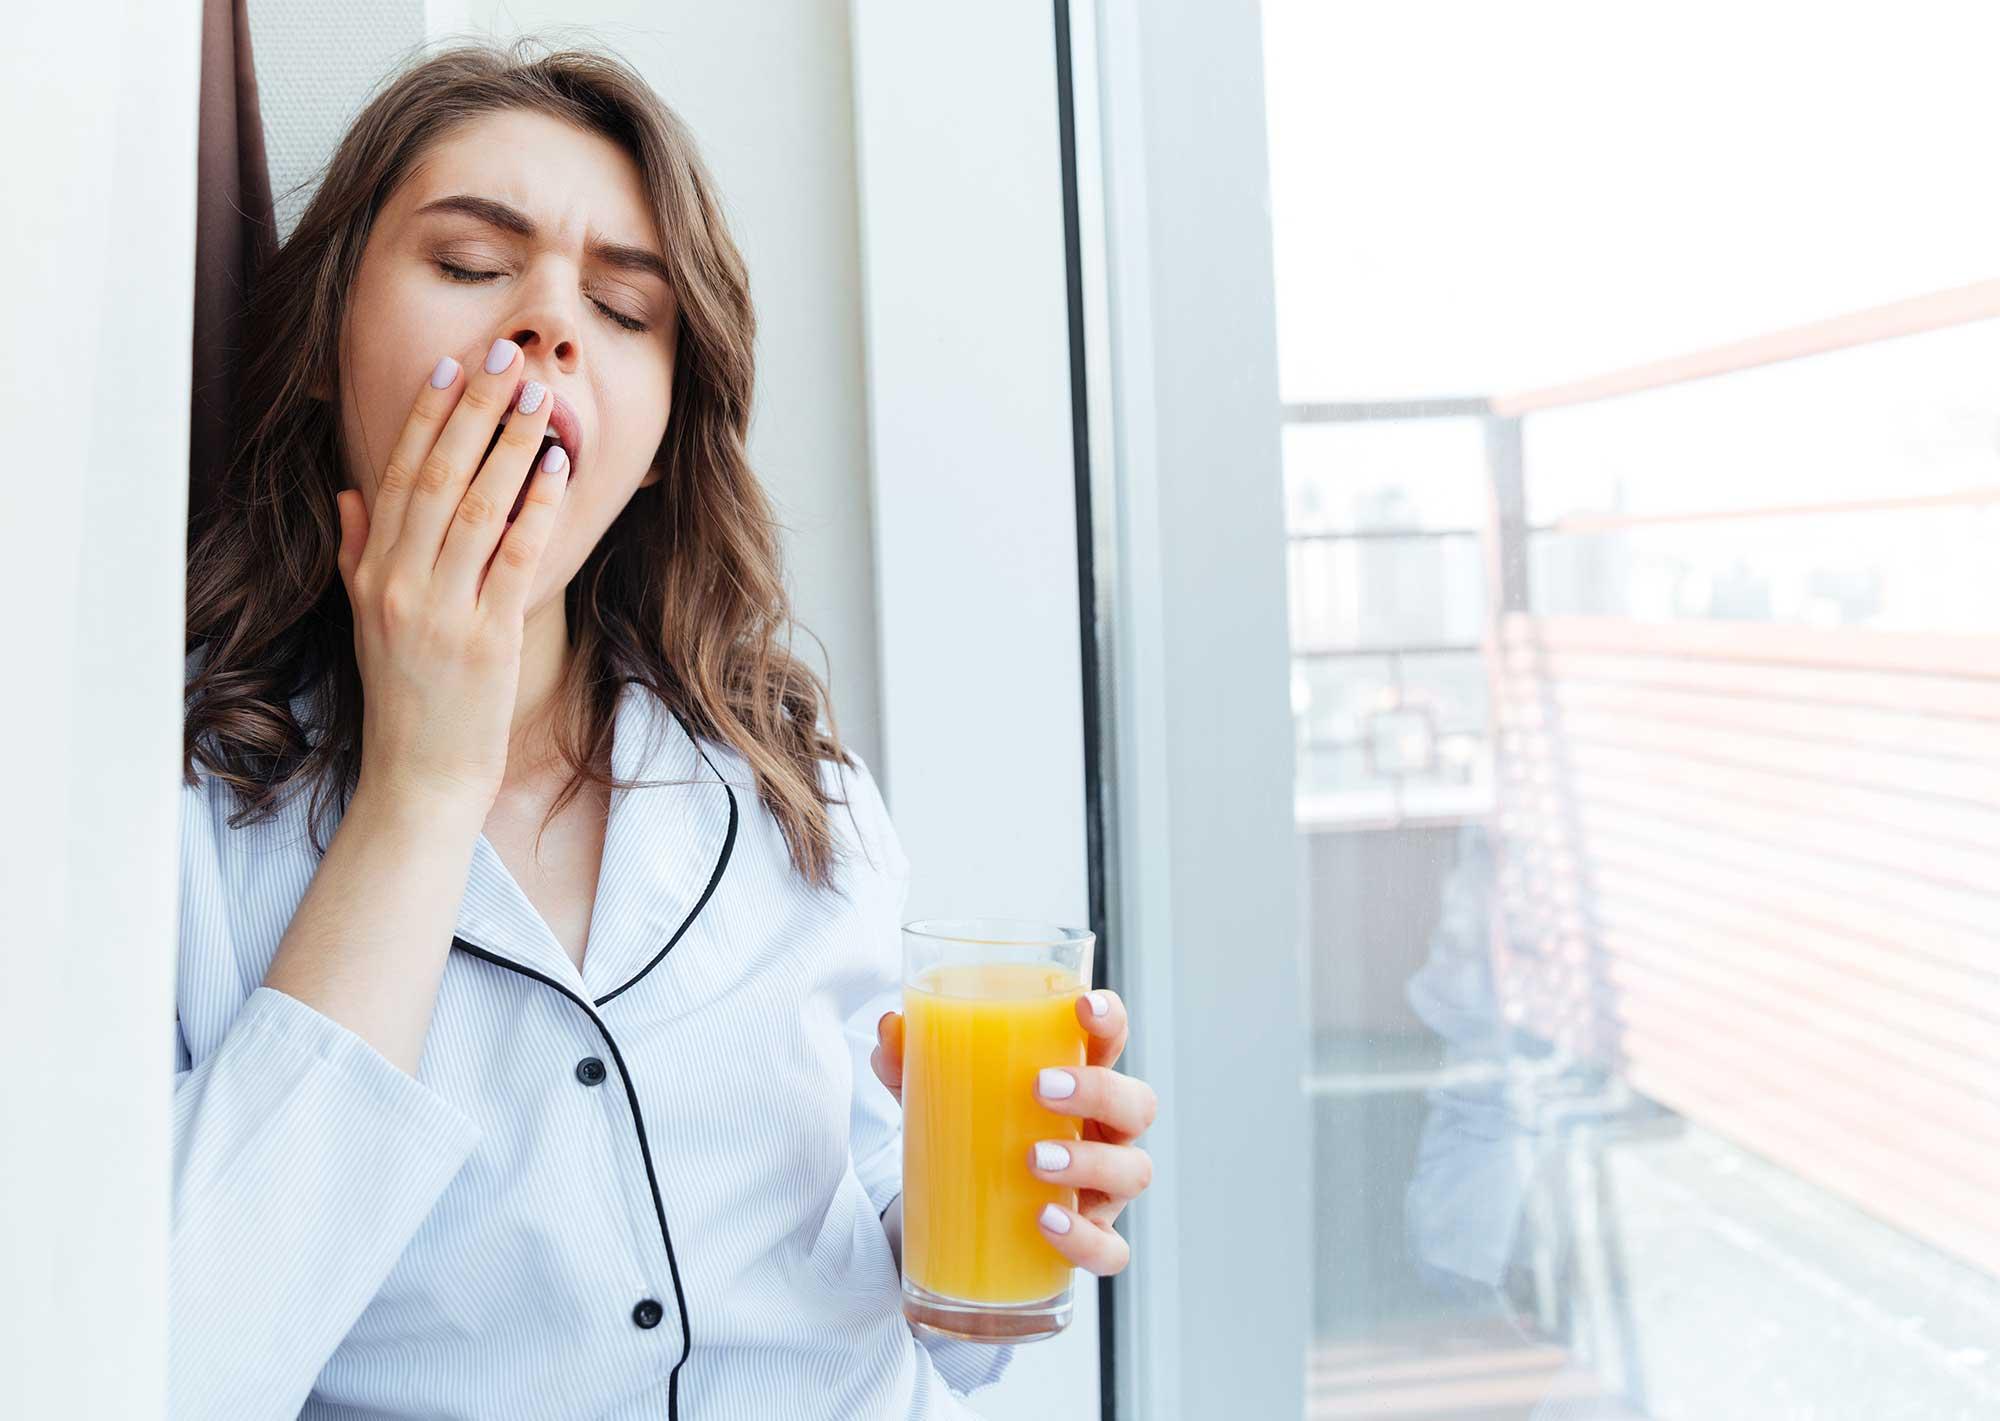 ¡La Naranja es el Desayuno perfecto! por sus Nutrientes y pocas Calorías